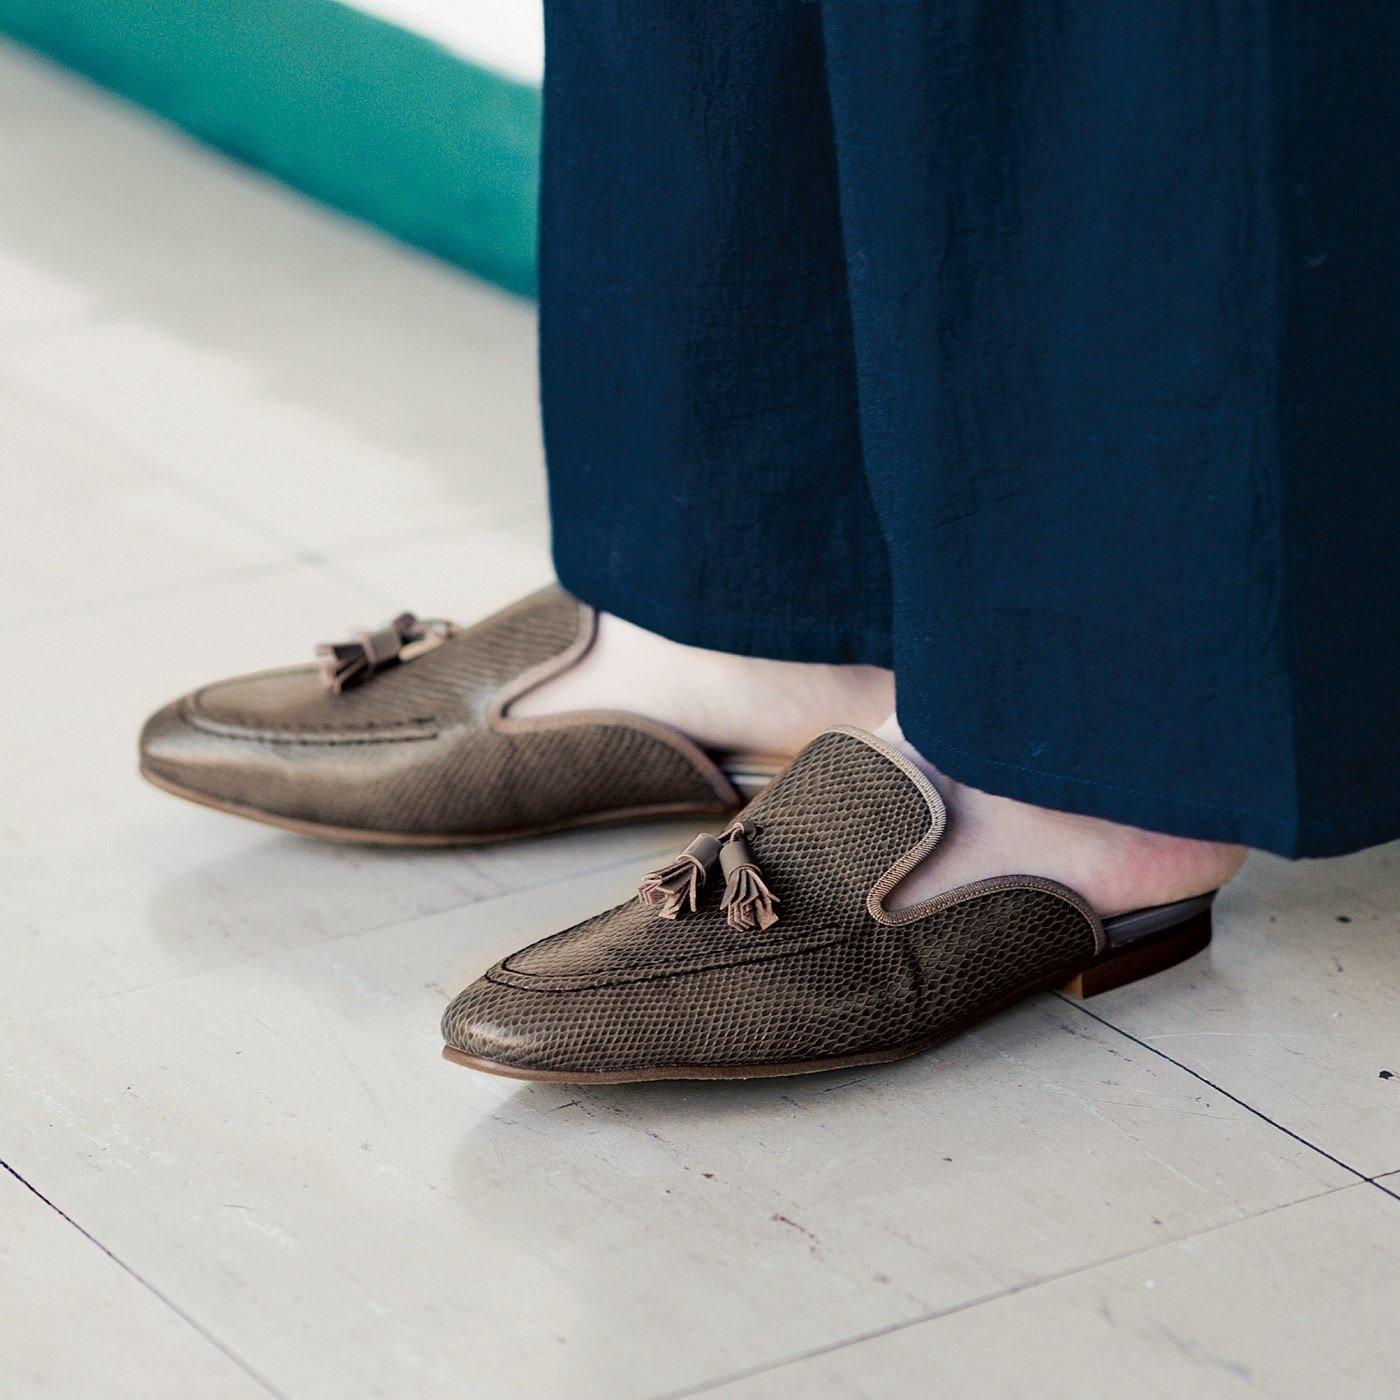 UP.de サンダルなのにローファー見え きちんと感と履き心地らくちん♪ どちらもかなえるローファーサンダルの会